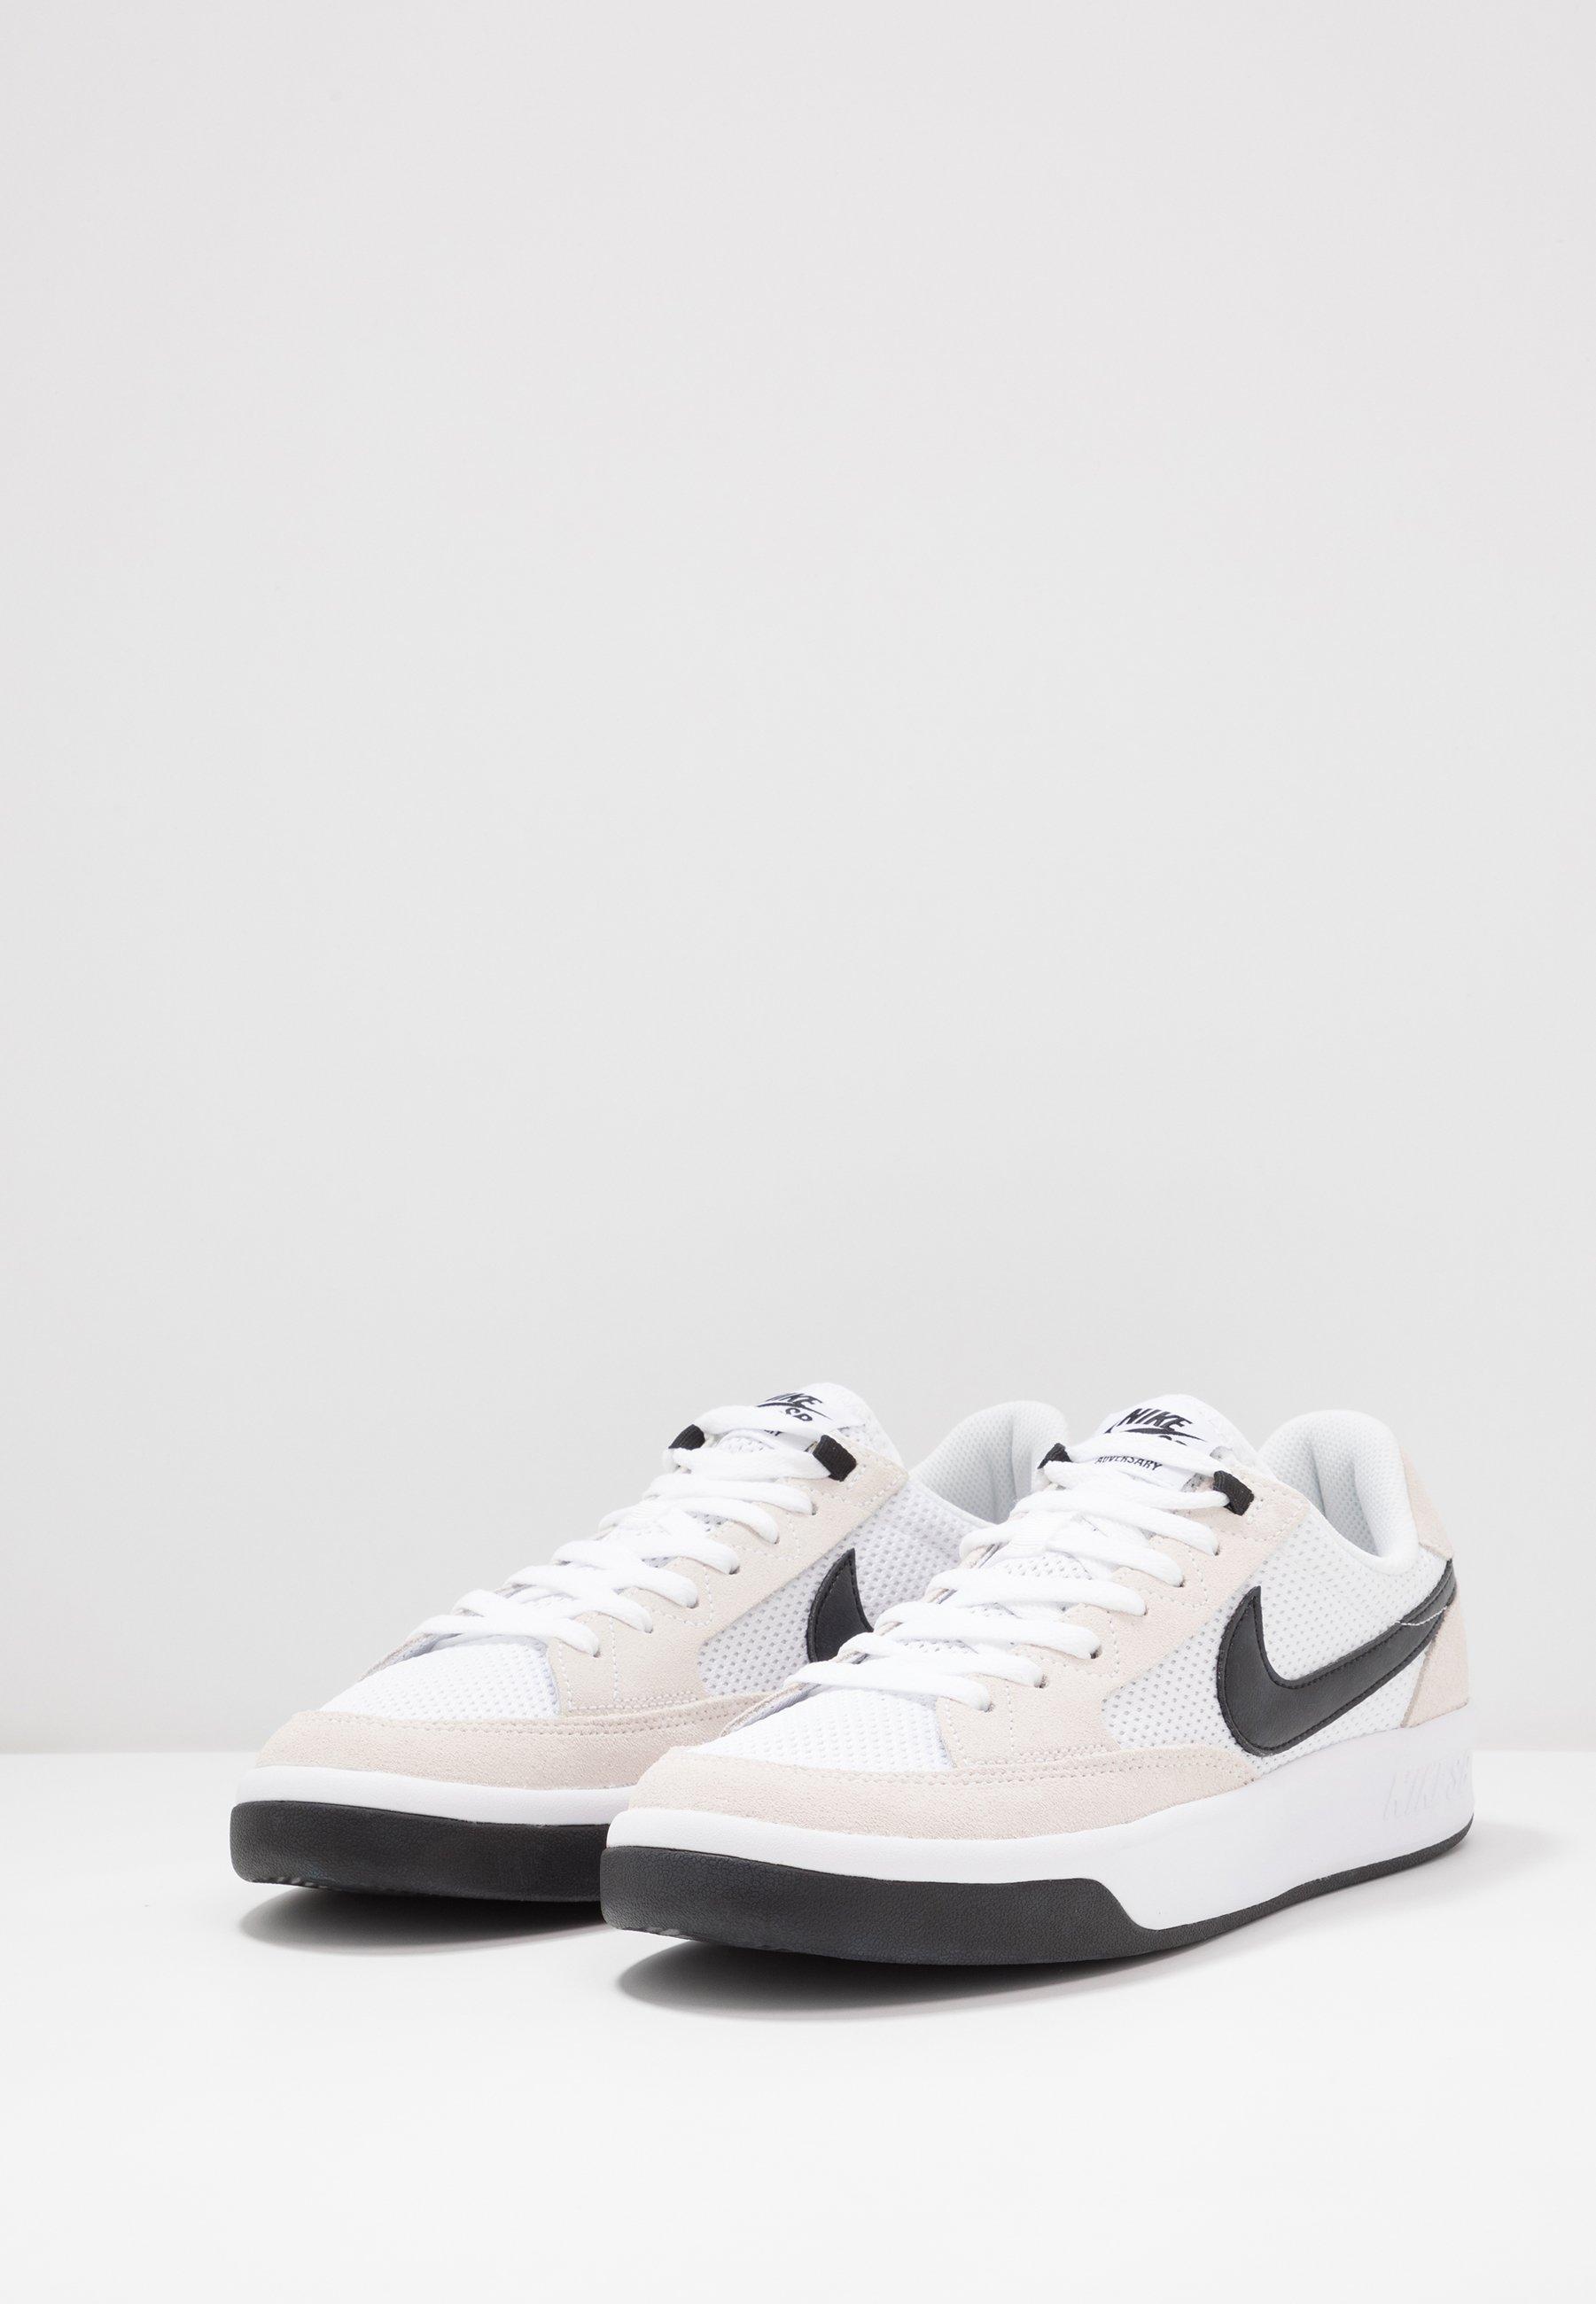 Nike Sb Adversary - Chaussures De Skate White/black PTCRDH4